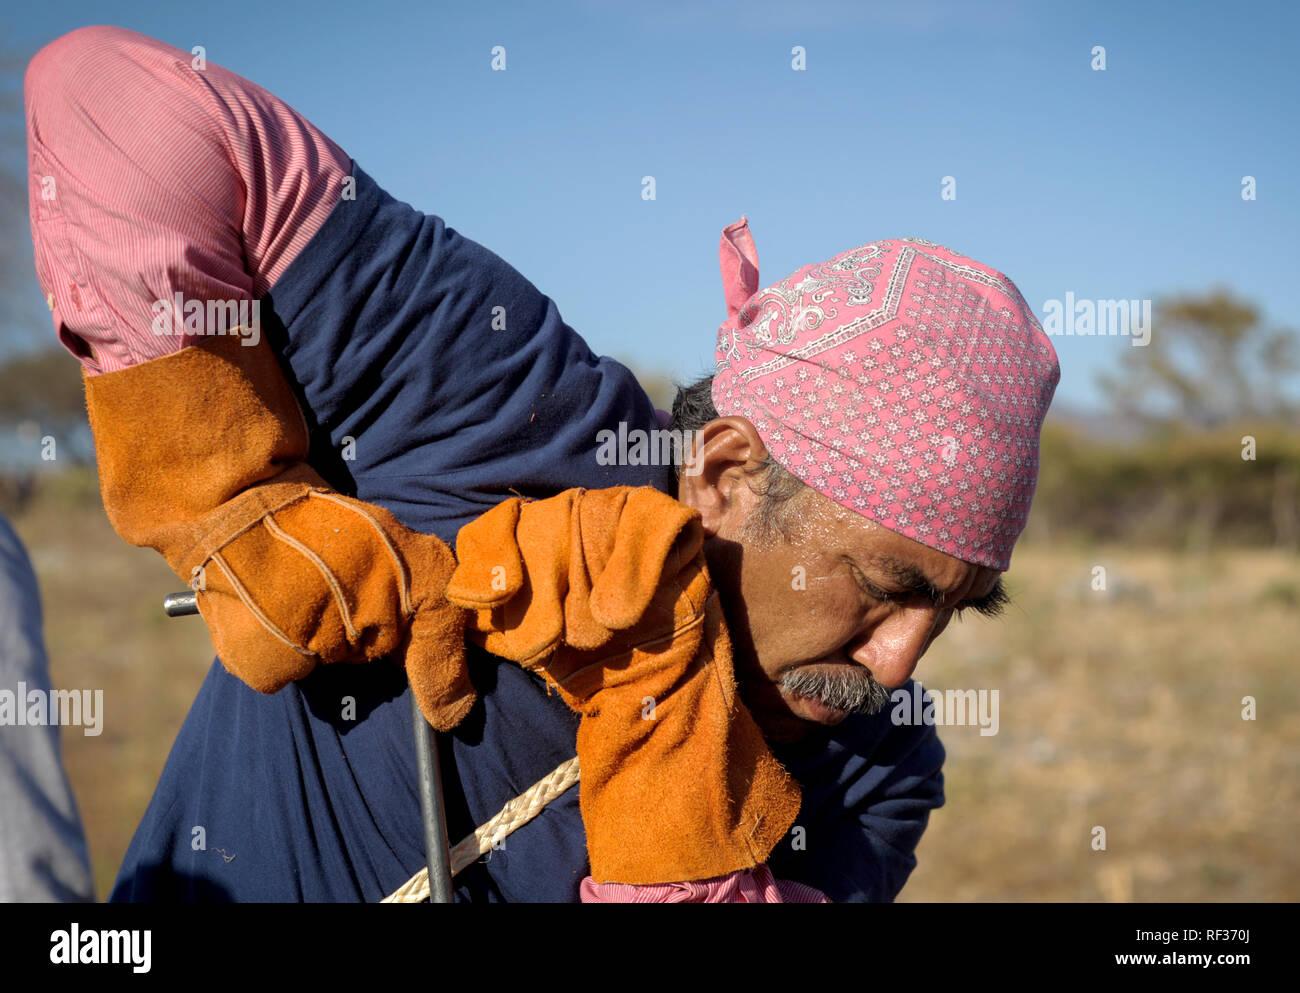 """23 de enero de 2019, México, Huitzuco: Participantes de la 4ª Brigada de Búsqueda Nacional están buscando tumbas ocultas. Más de 40.000 personas están desaparecidas en México. Un grupo de parientes trata sobre sus propias tumbas para encontrar oculto y, por lo tanto, quizá para hacer el duelo es posible para algunas familias. (Dpa """"La búsqueda de la Certeza, sepulcros ocultos en México"""" de 24.01.2019) Foto: Jesús Alvarado/dpa Imagen De Stock"""